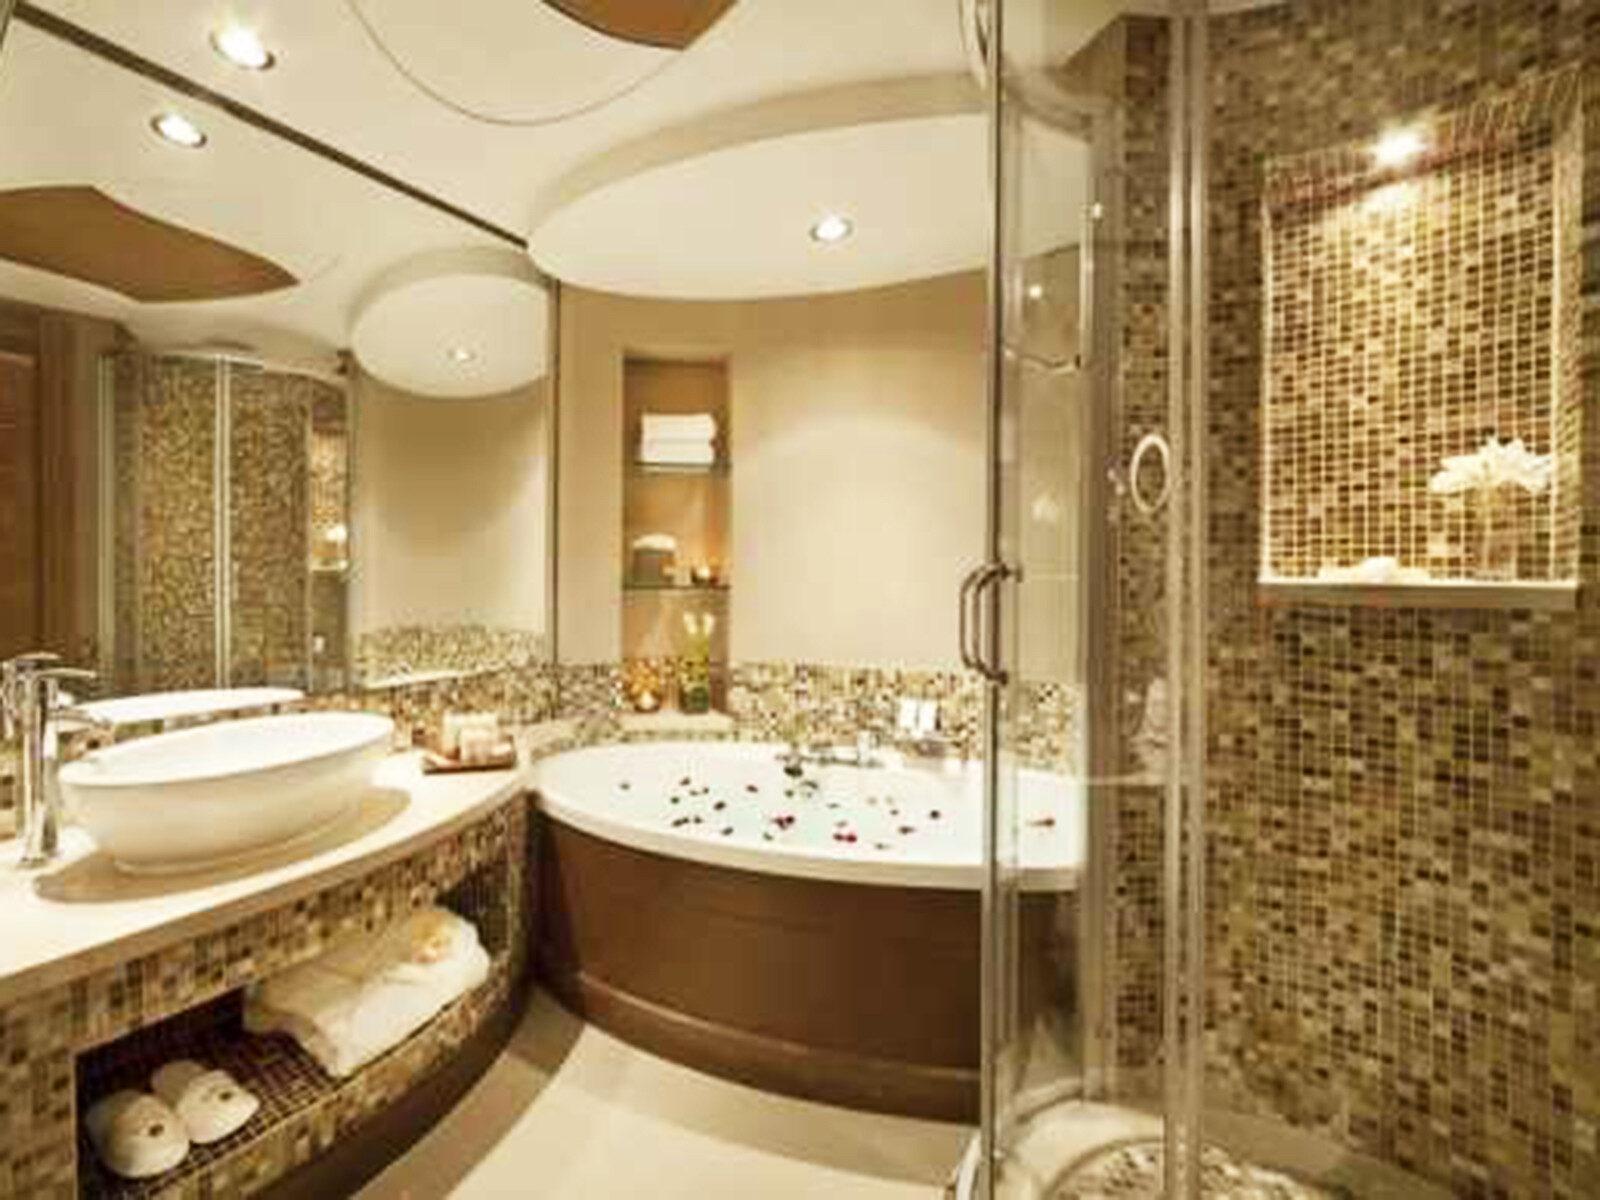 Стеклянная душевая кабинка в ванную комнату